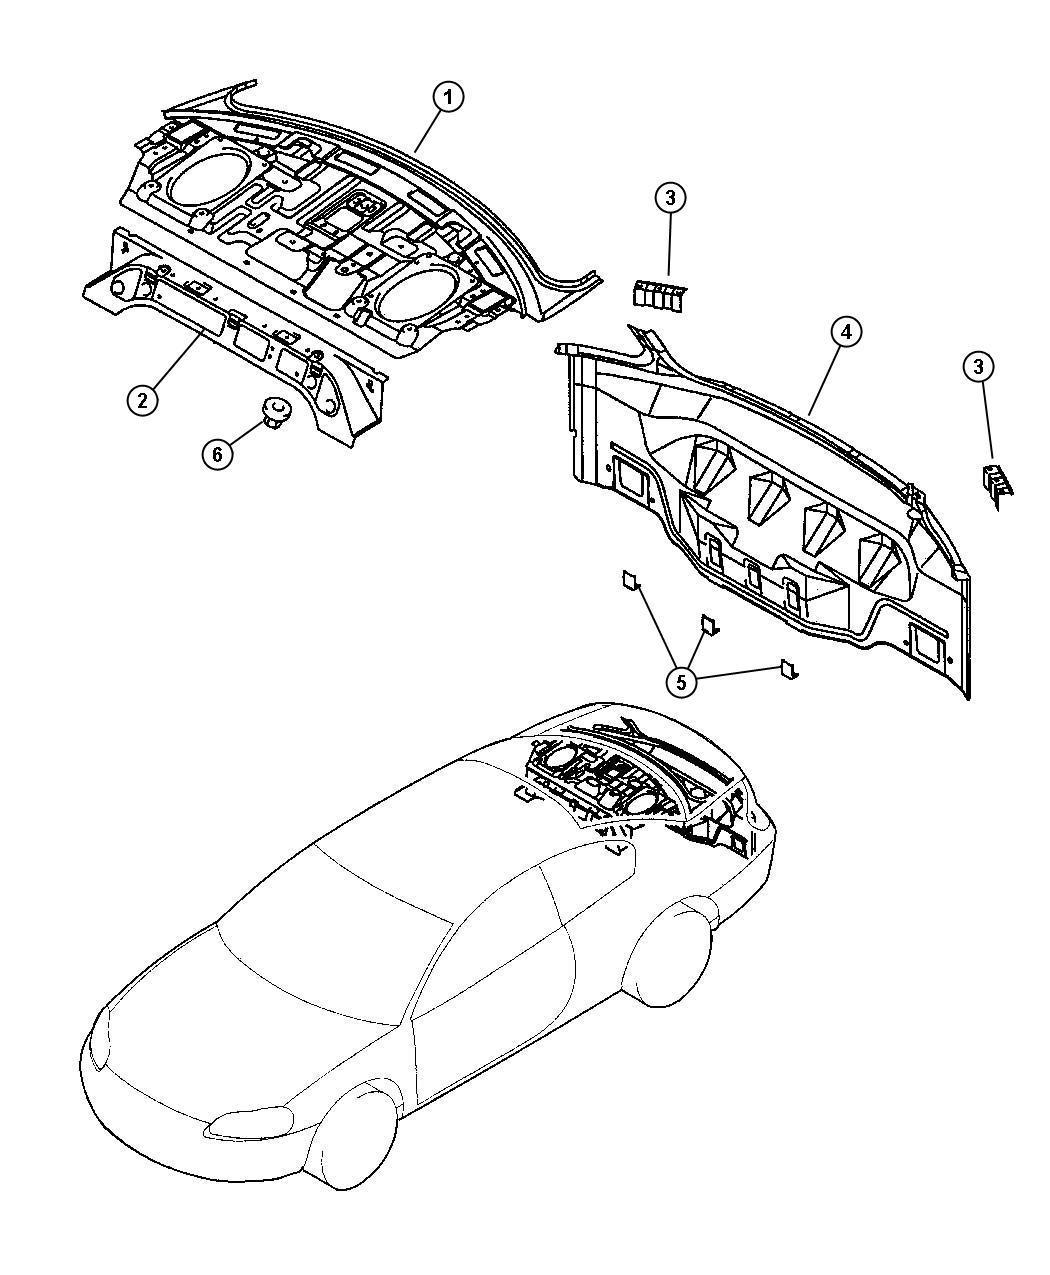 2004 Chrysler Sebring Rear Shelf